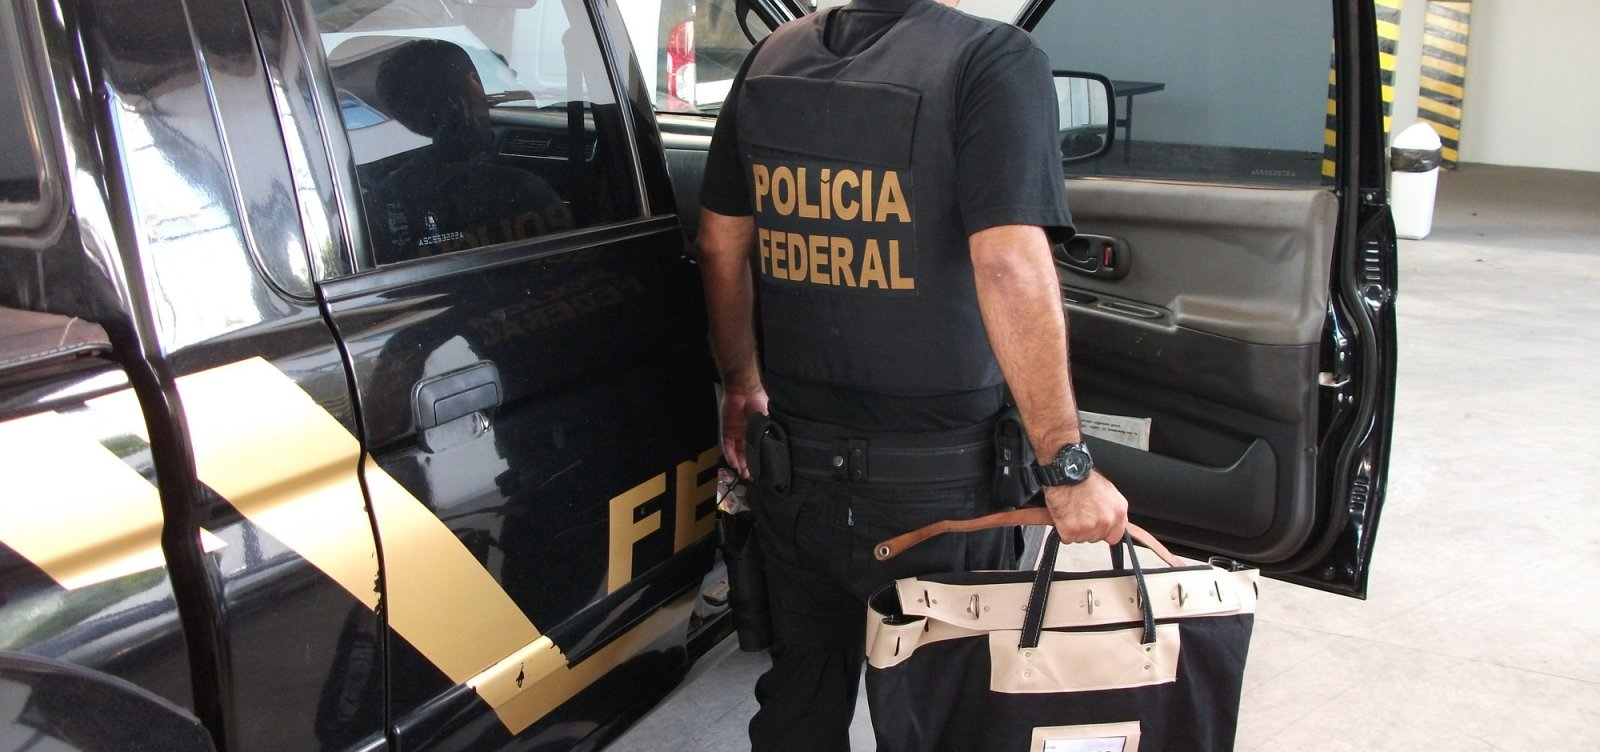 Simões Filho: PF faz operação contra cartel em transporte